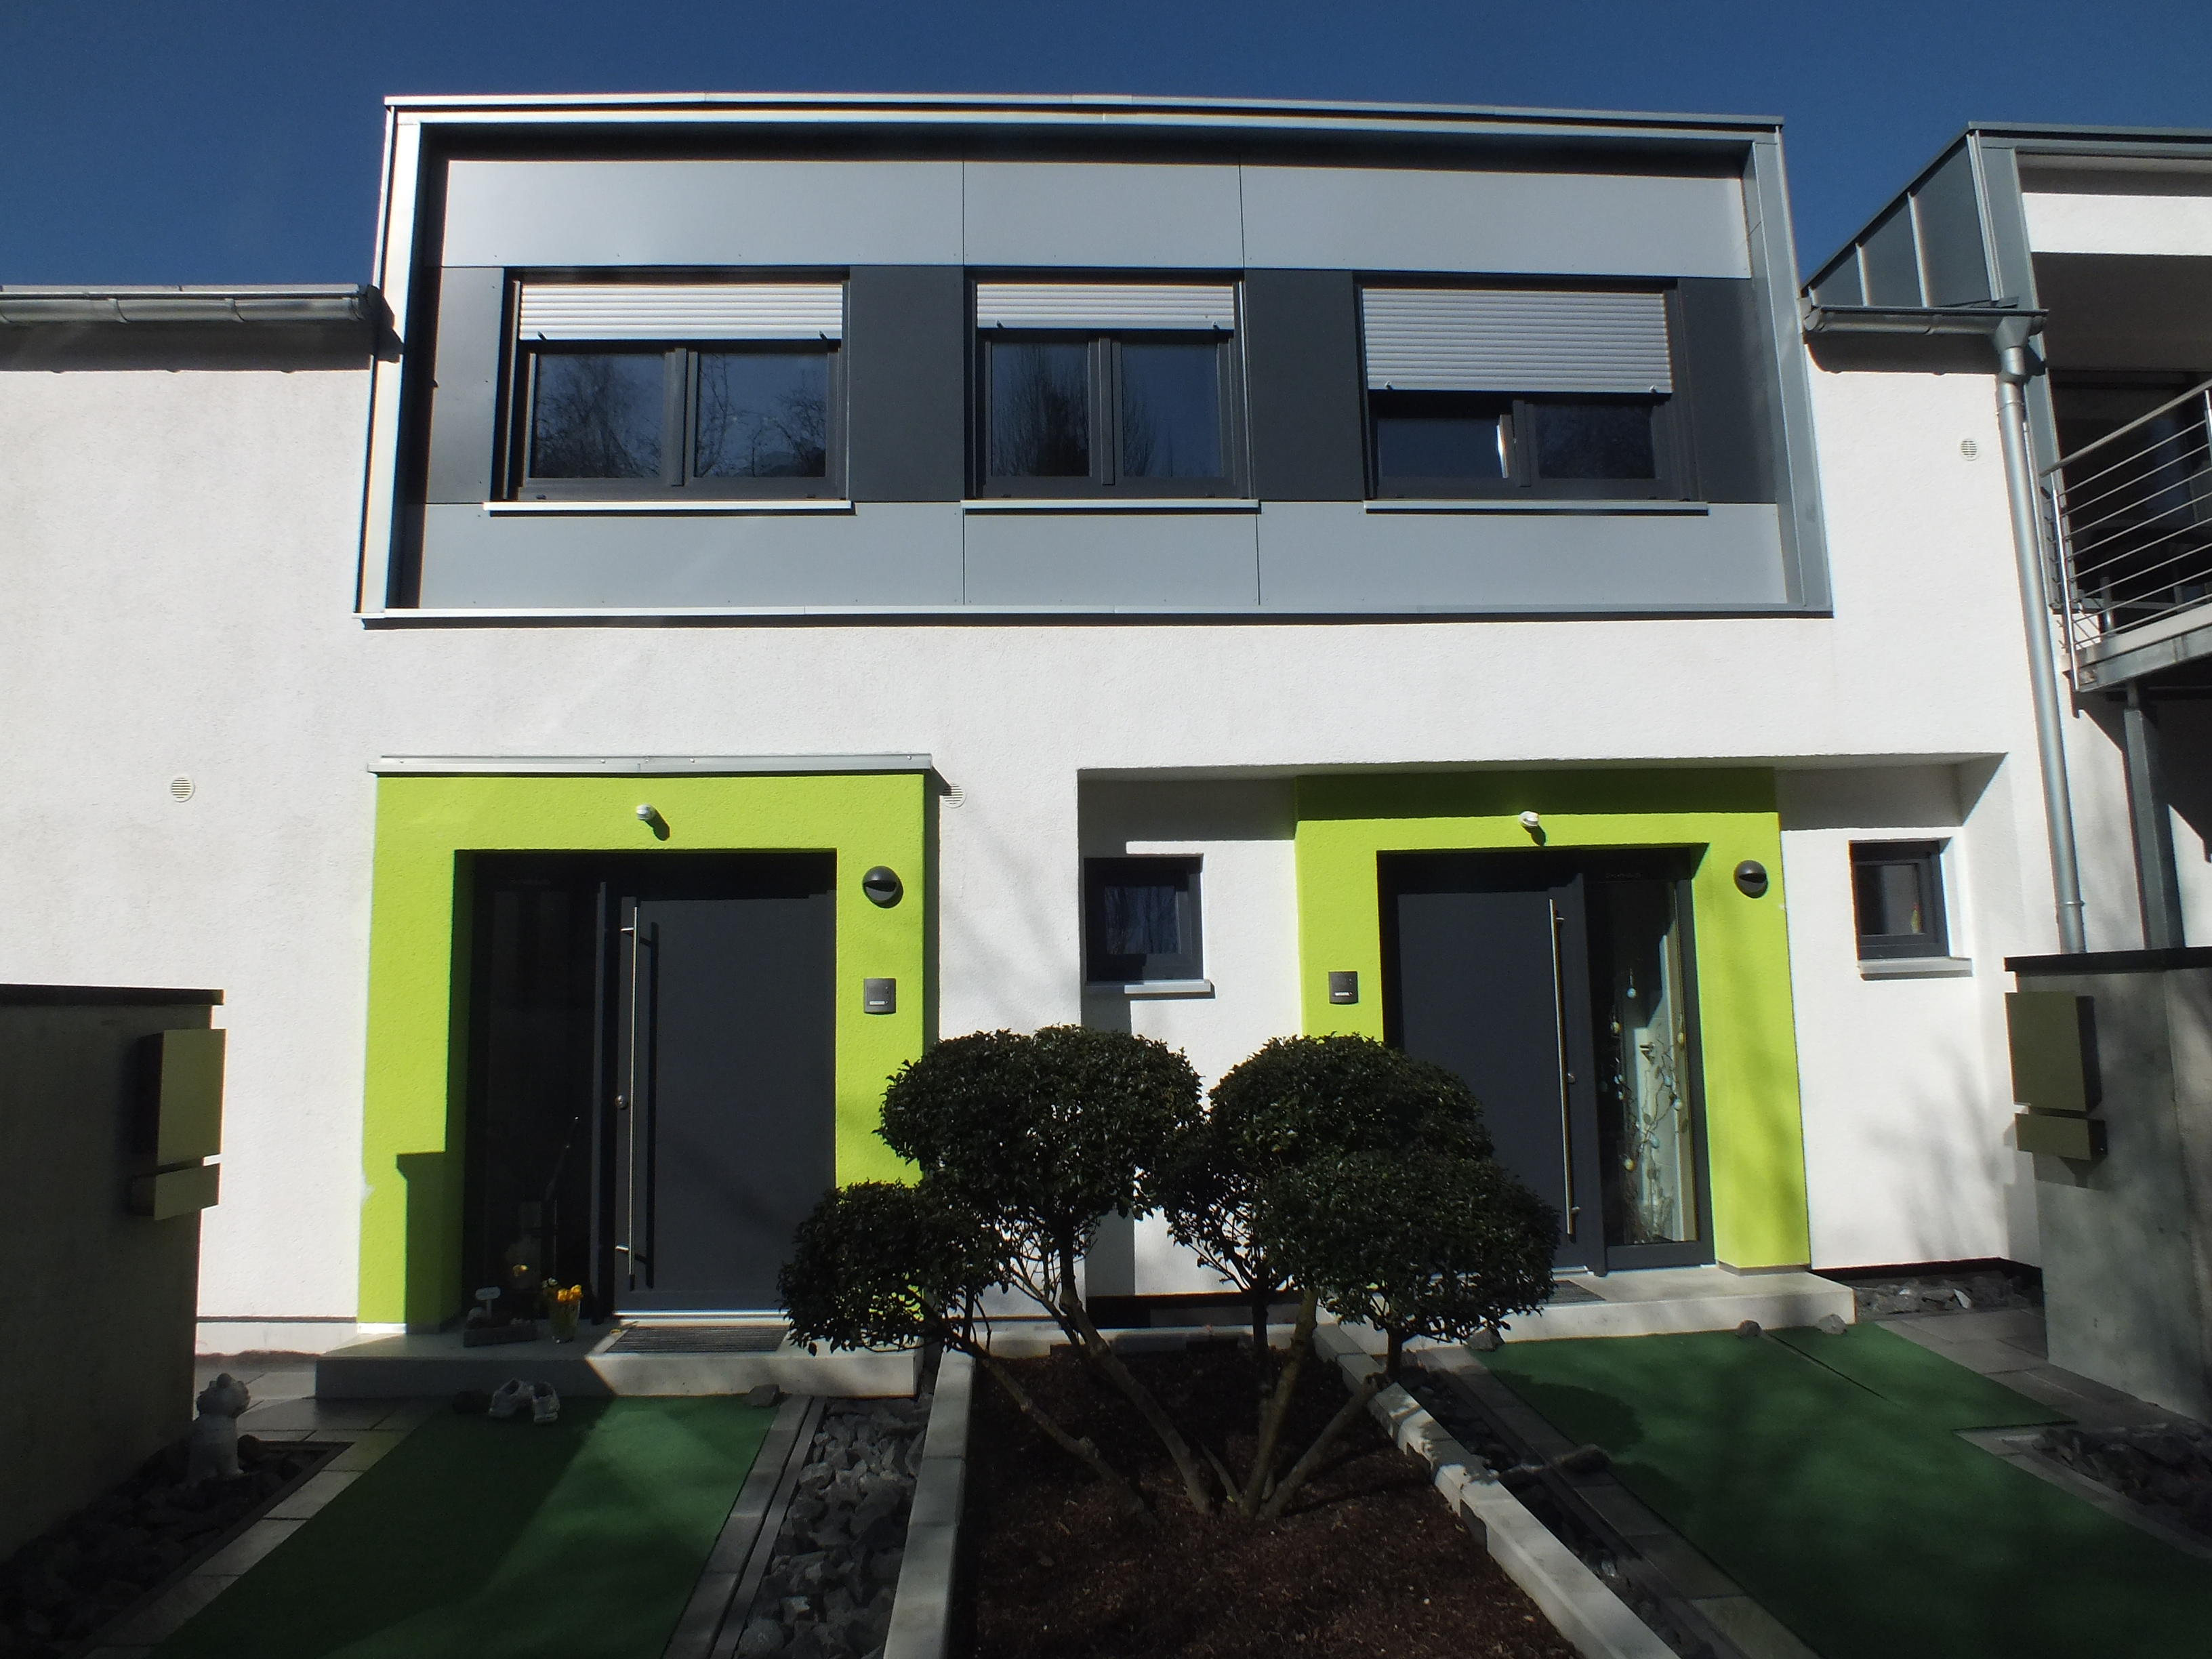 wohnhaus erweiterung umbau sanierung in eitelborn gerharz gerharz. Black Bedroom Furniture Sets. Home Design Ideas